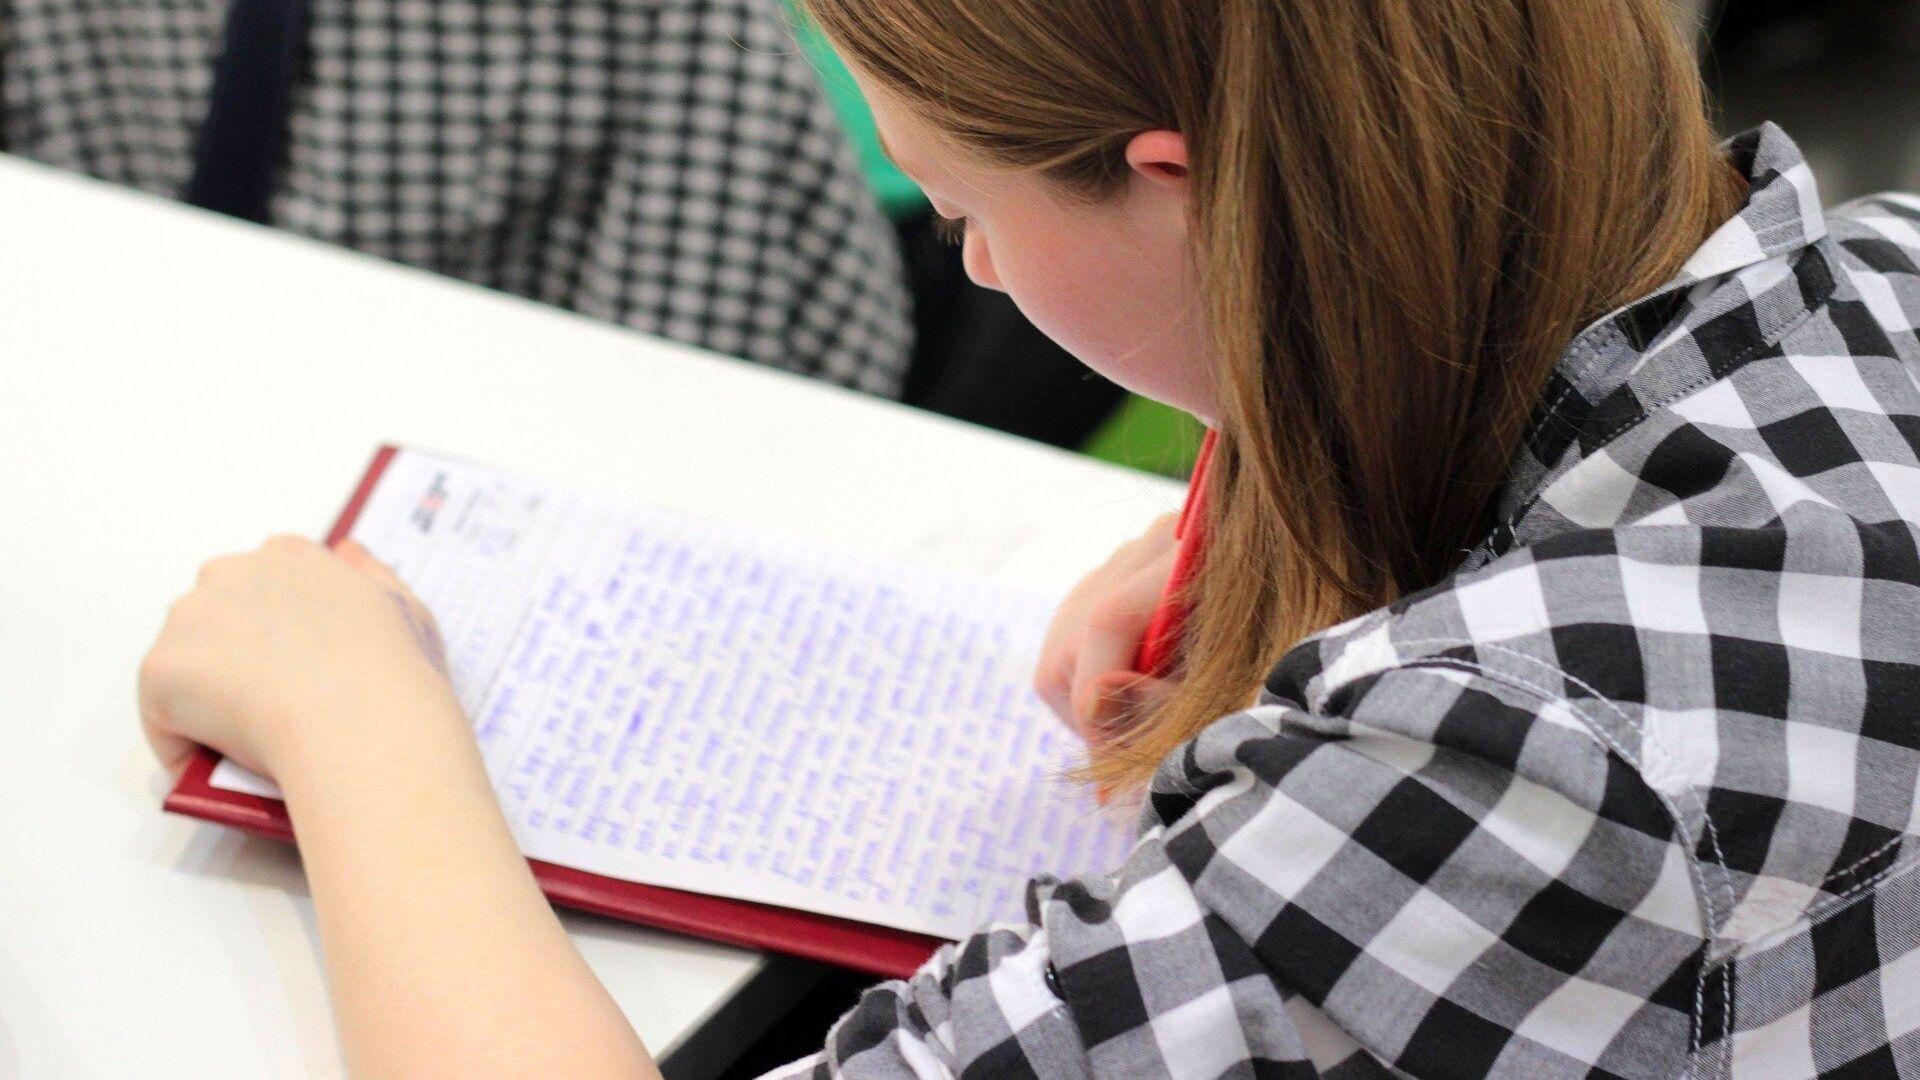 Μαθήτρια γράφει κείμενο - Sputnik Ελλάδα, 1920, 13.09.2021